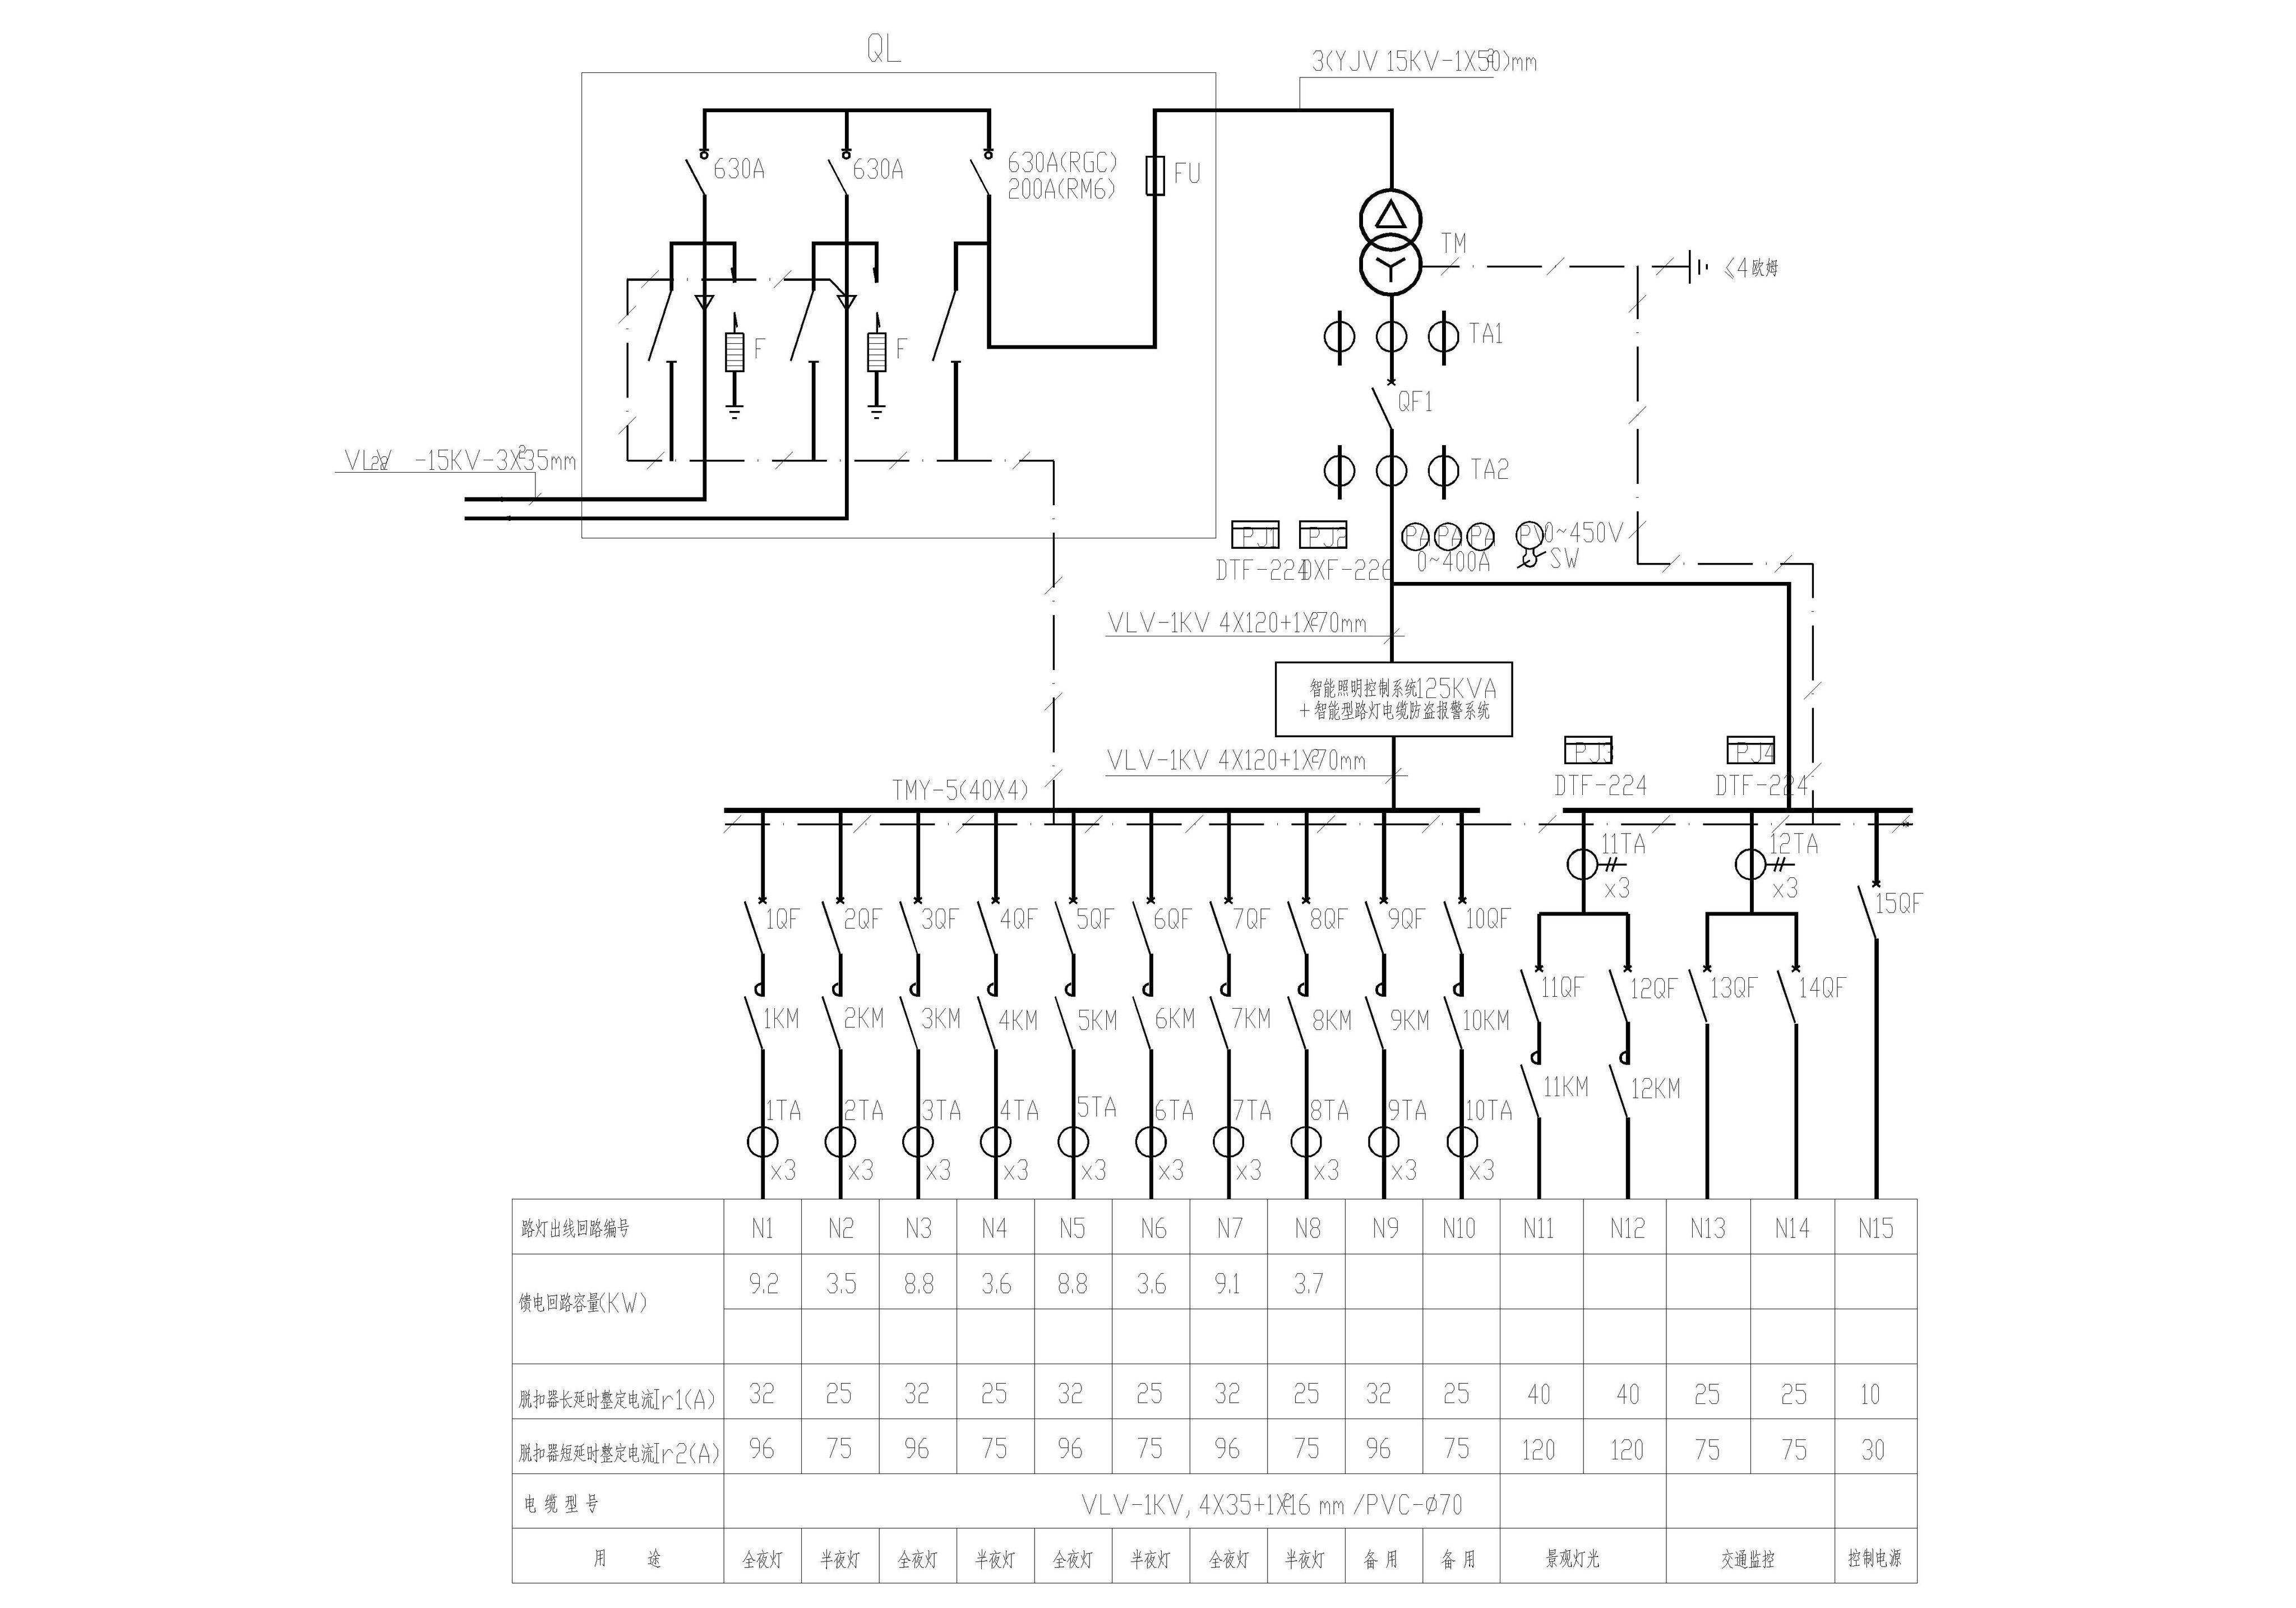 想找个熟悉路灯箱式变电站系统图的人帮忙解释图纸各符号意思及数据图片